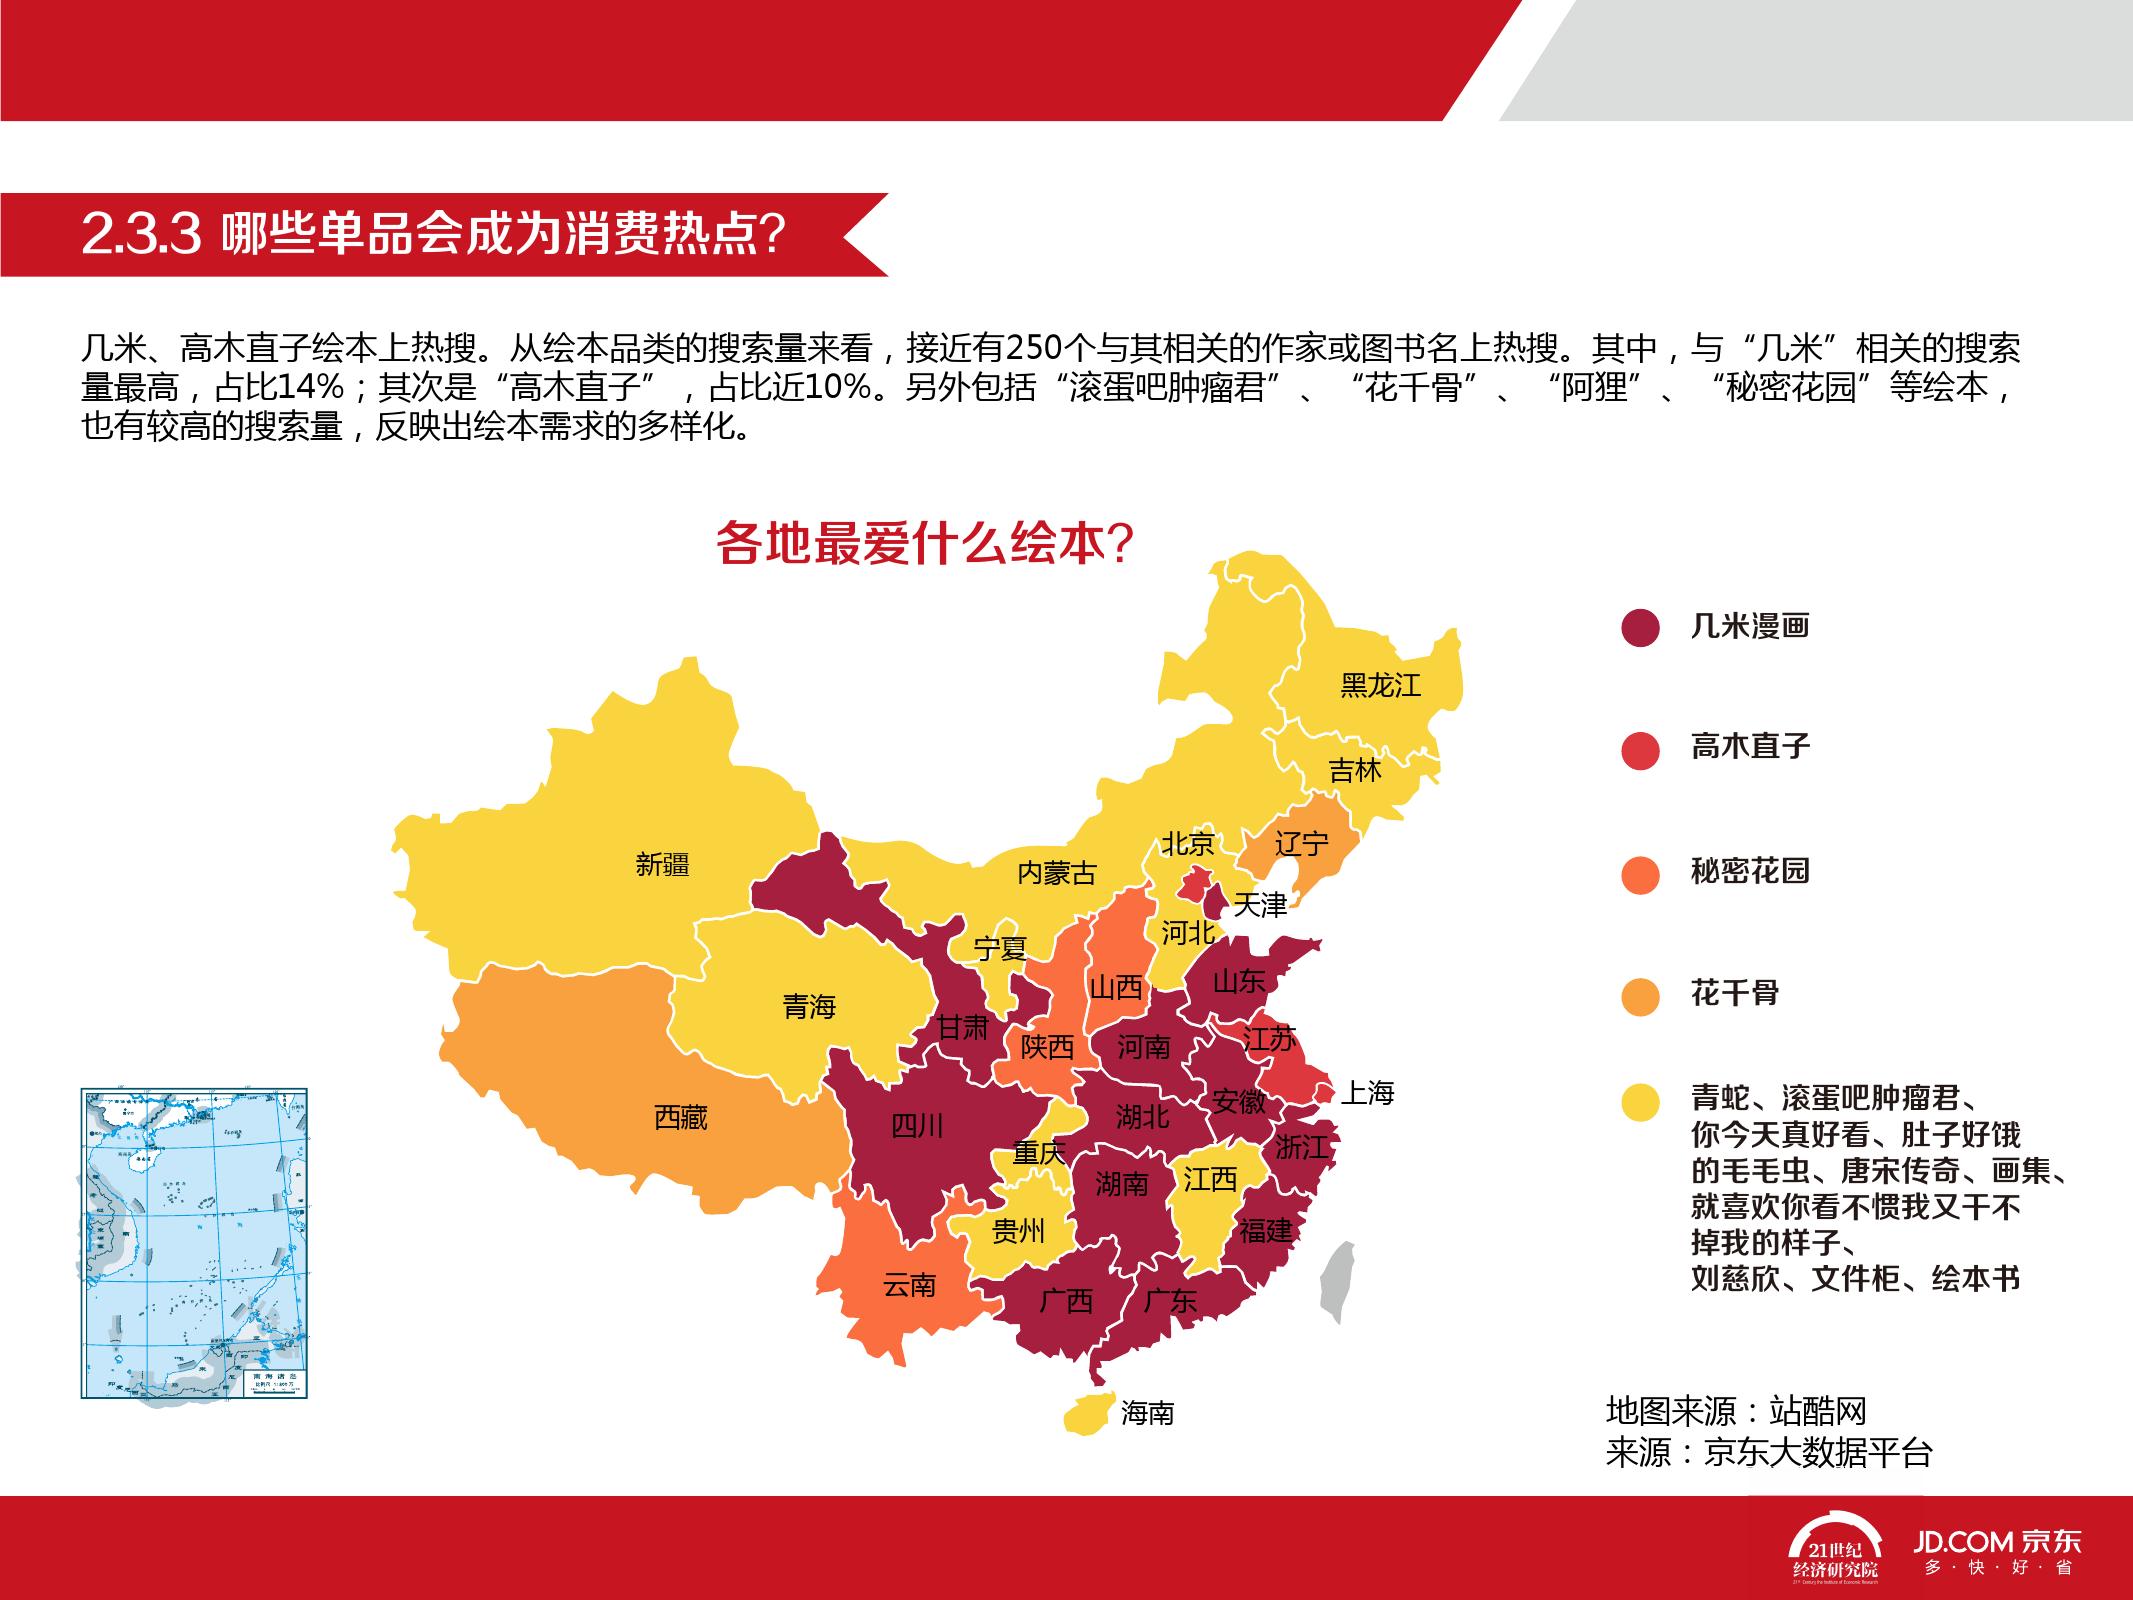 2016中国母婴产品消费趋势报告_000032